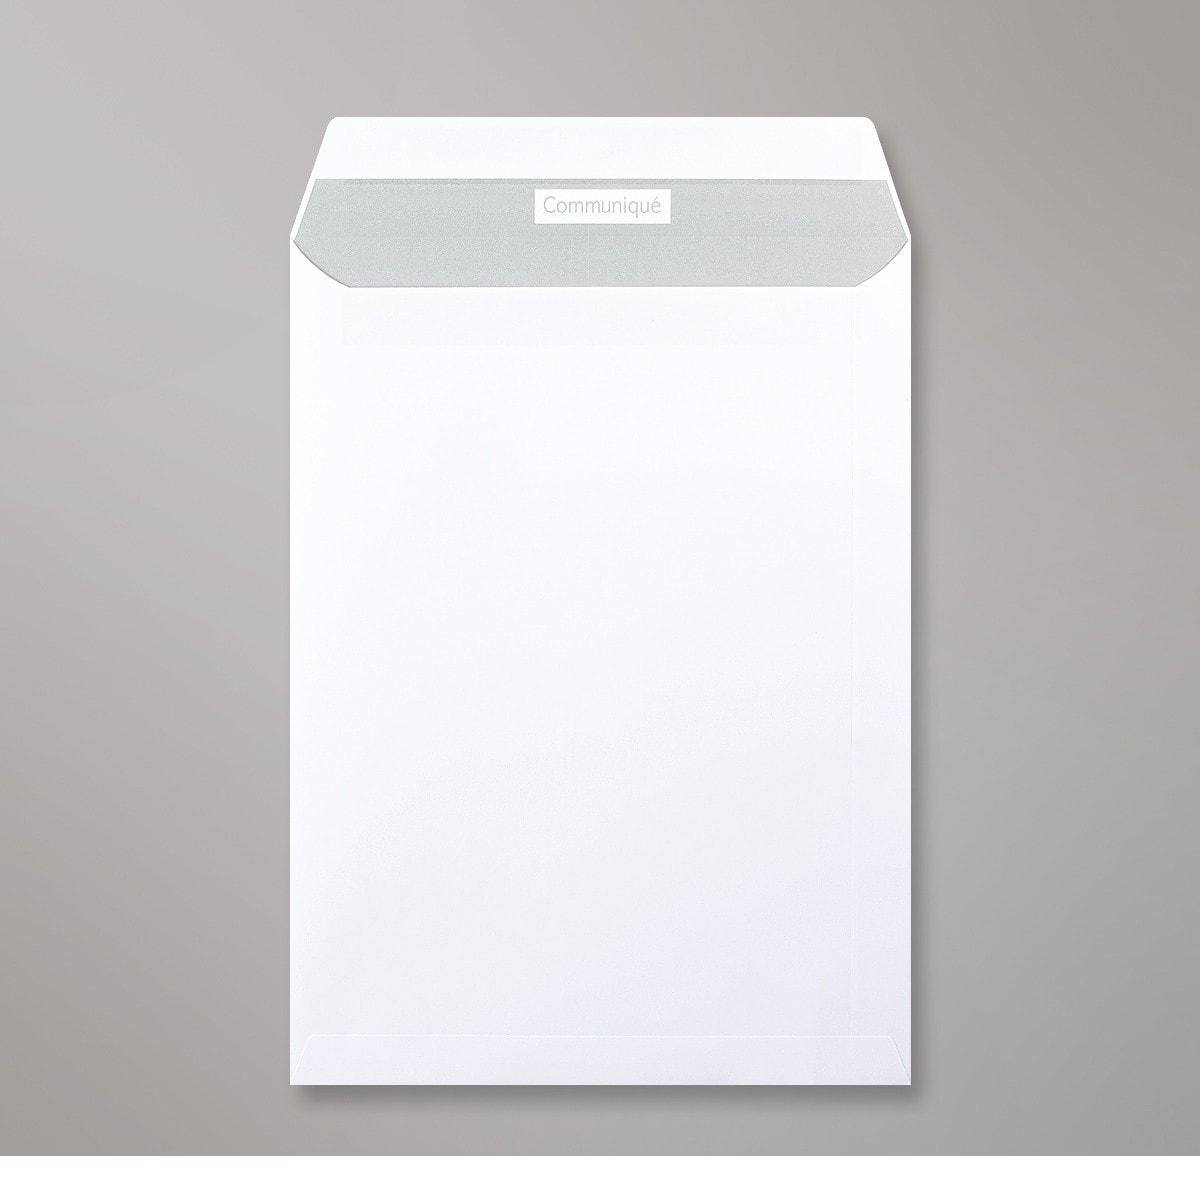 Enveloppe blanche Communique 324x229 mm (C4)